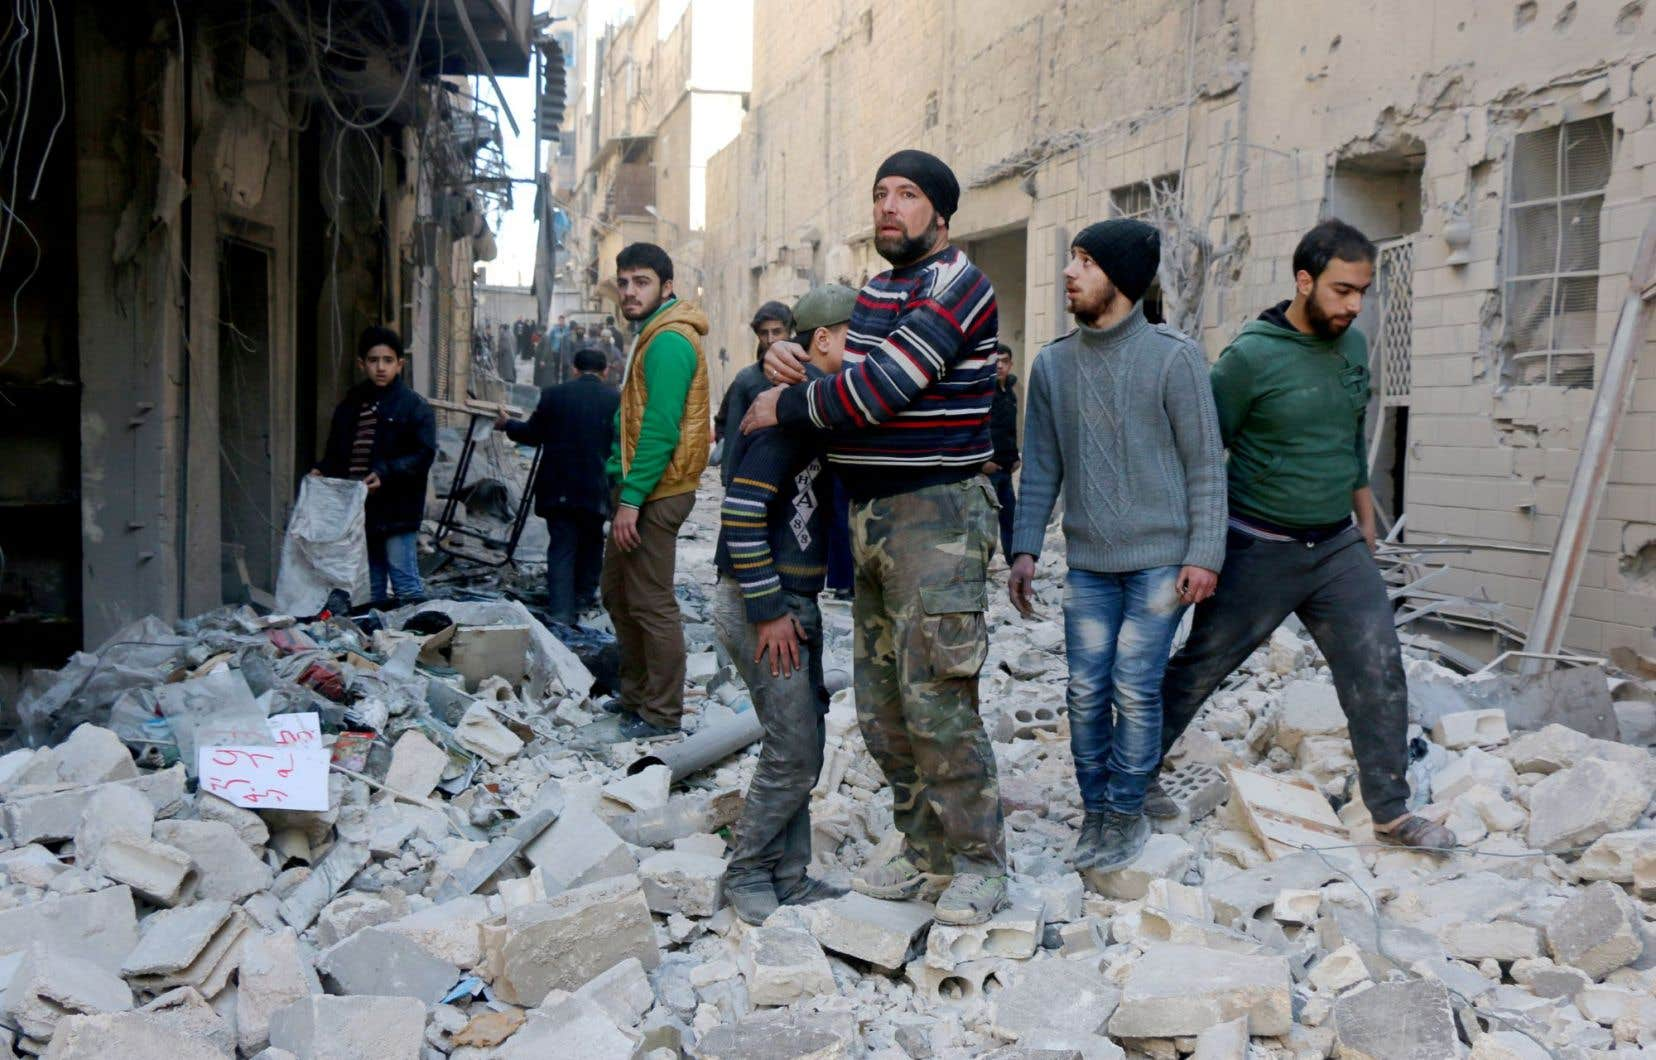 Des secouristes syriens cherchaient des survivants dans les décombres après des frappes aériennes dans un quartier d'Alep.